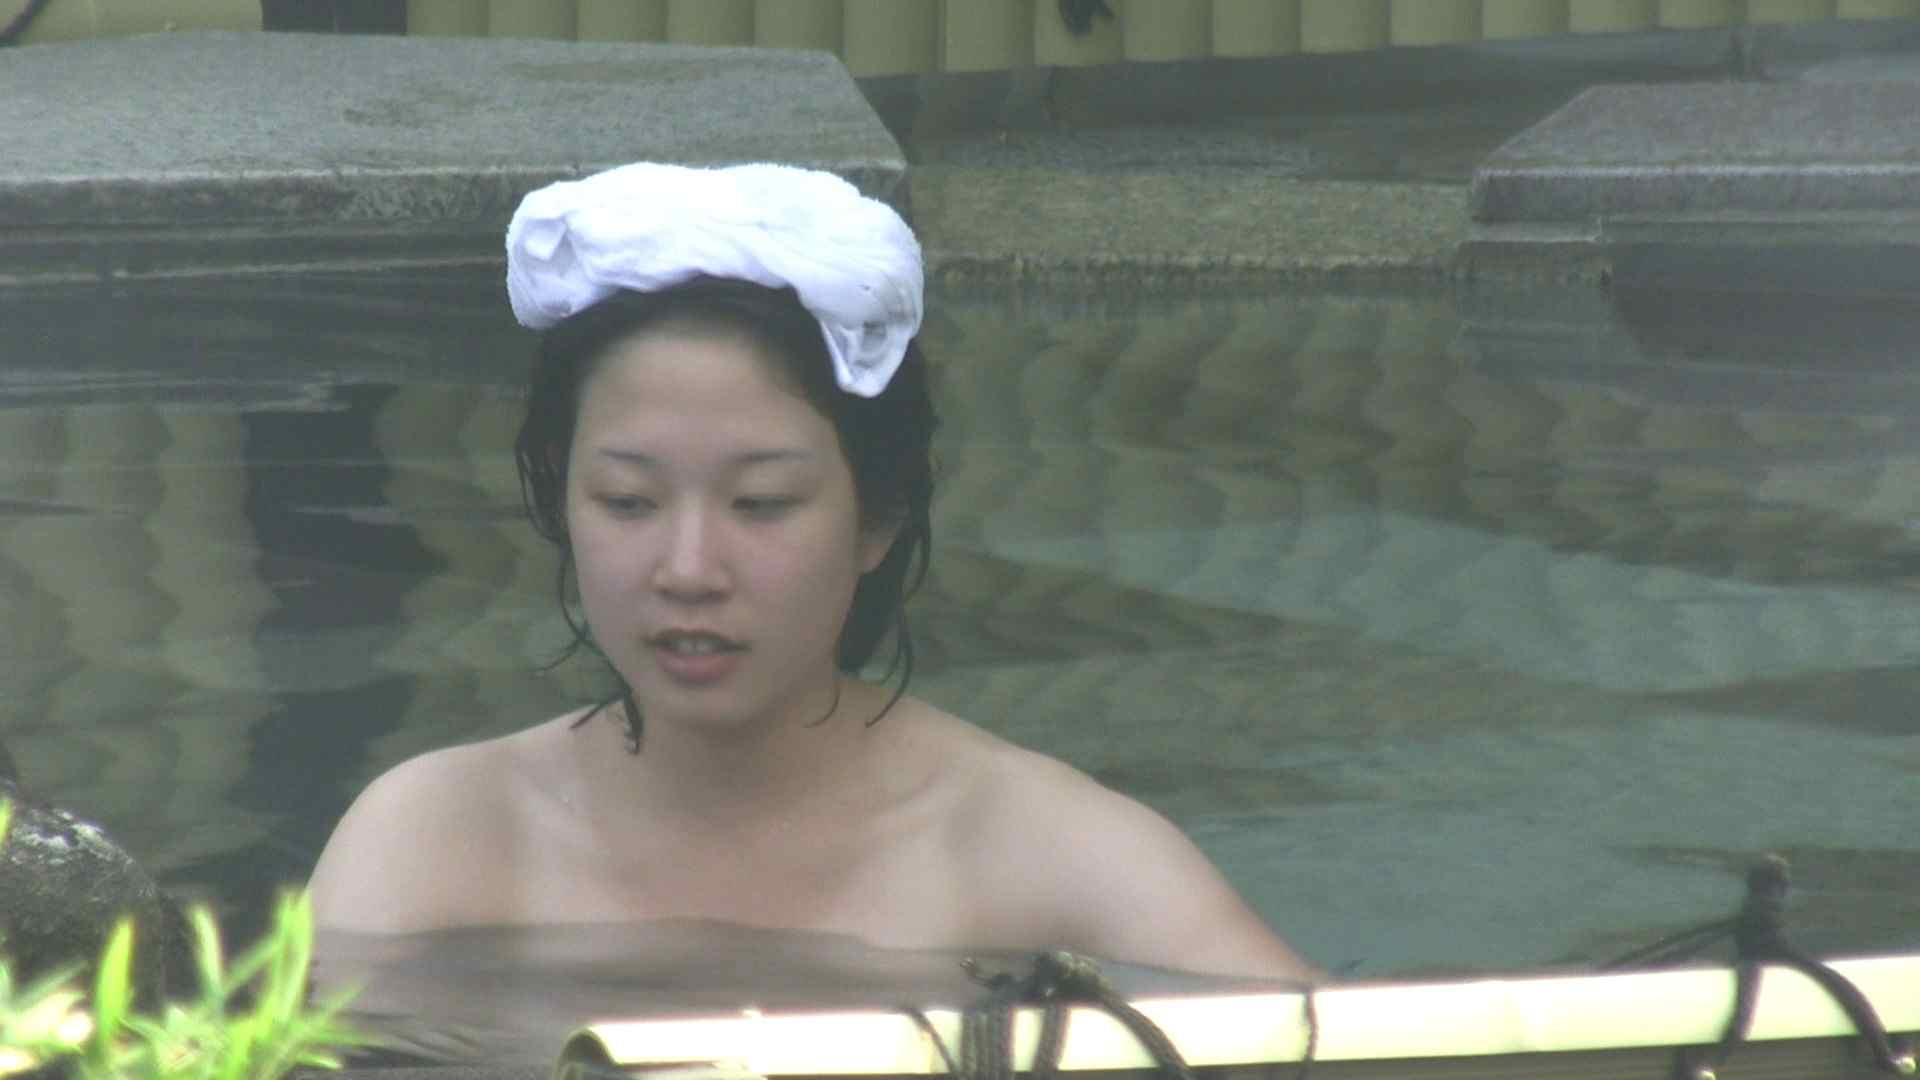 Aquaな露天風呂Vol.172 盗撮動画 | 露天風呂  11枚 11